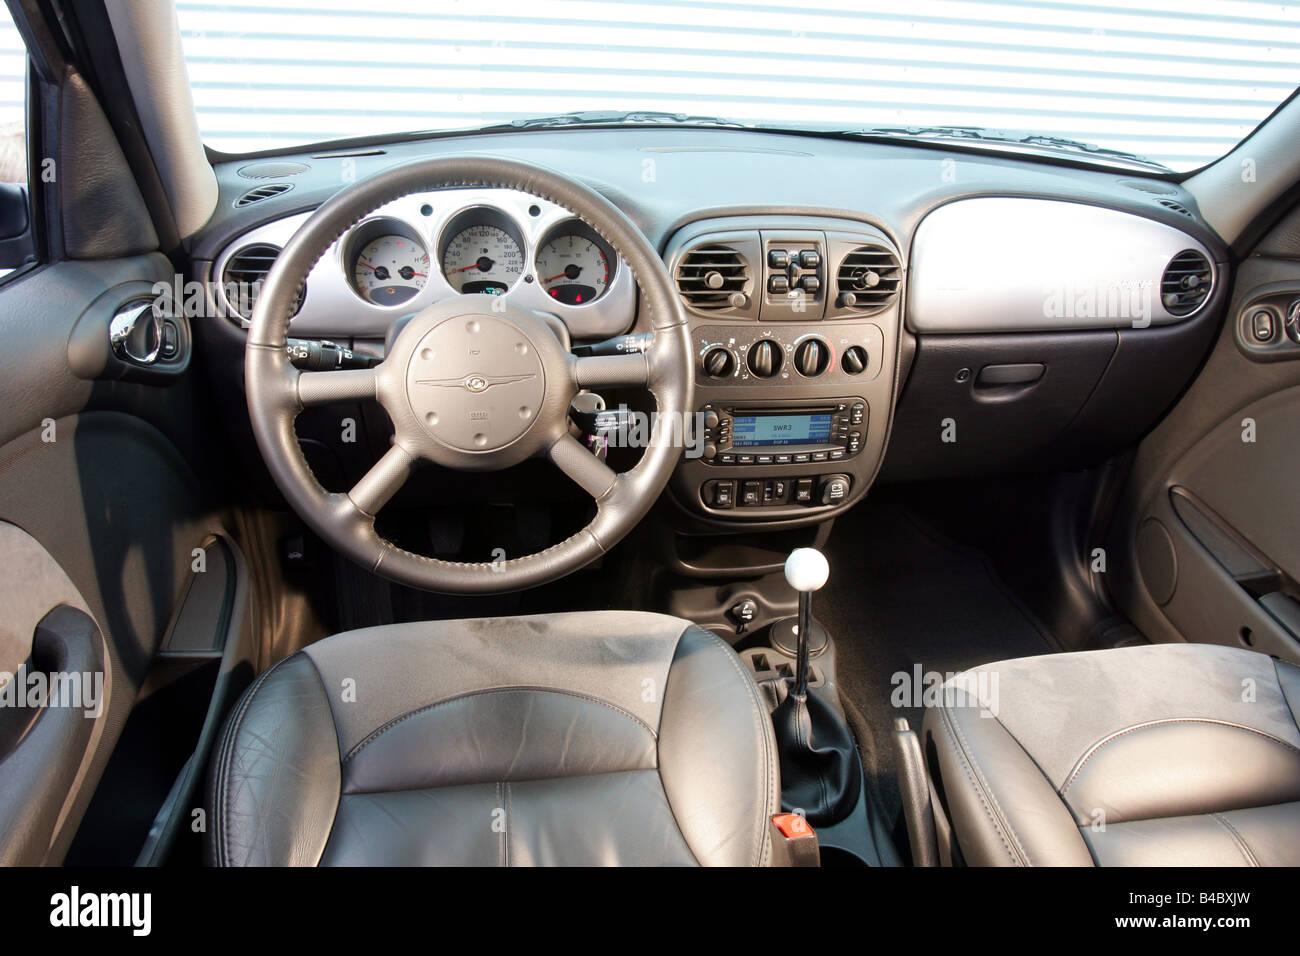 voiture chrysler pt cruiser 2 2 crd van l 39 argent l 39 ann e de mod le 2003 vue de l 39 int rieur. Black Bedroom Furniture Sets. Home Design Ideas